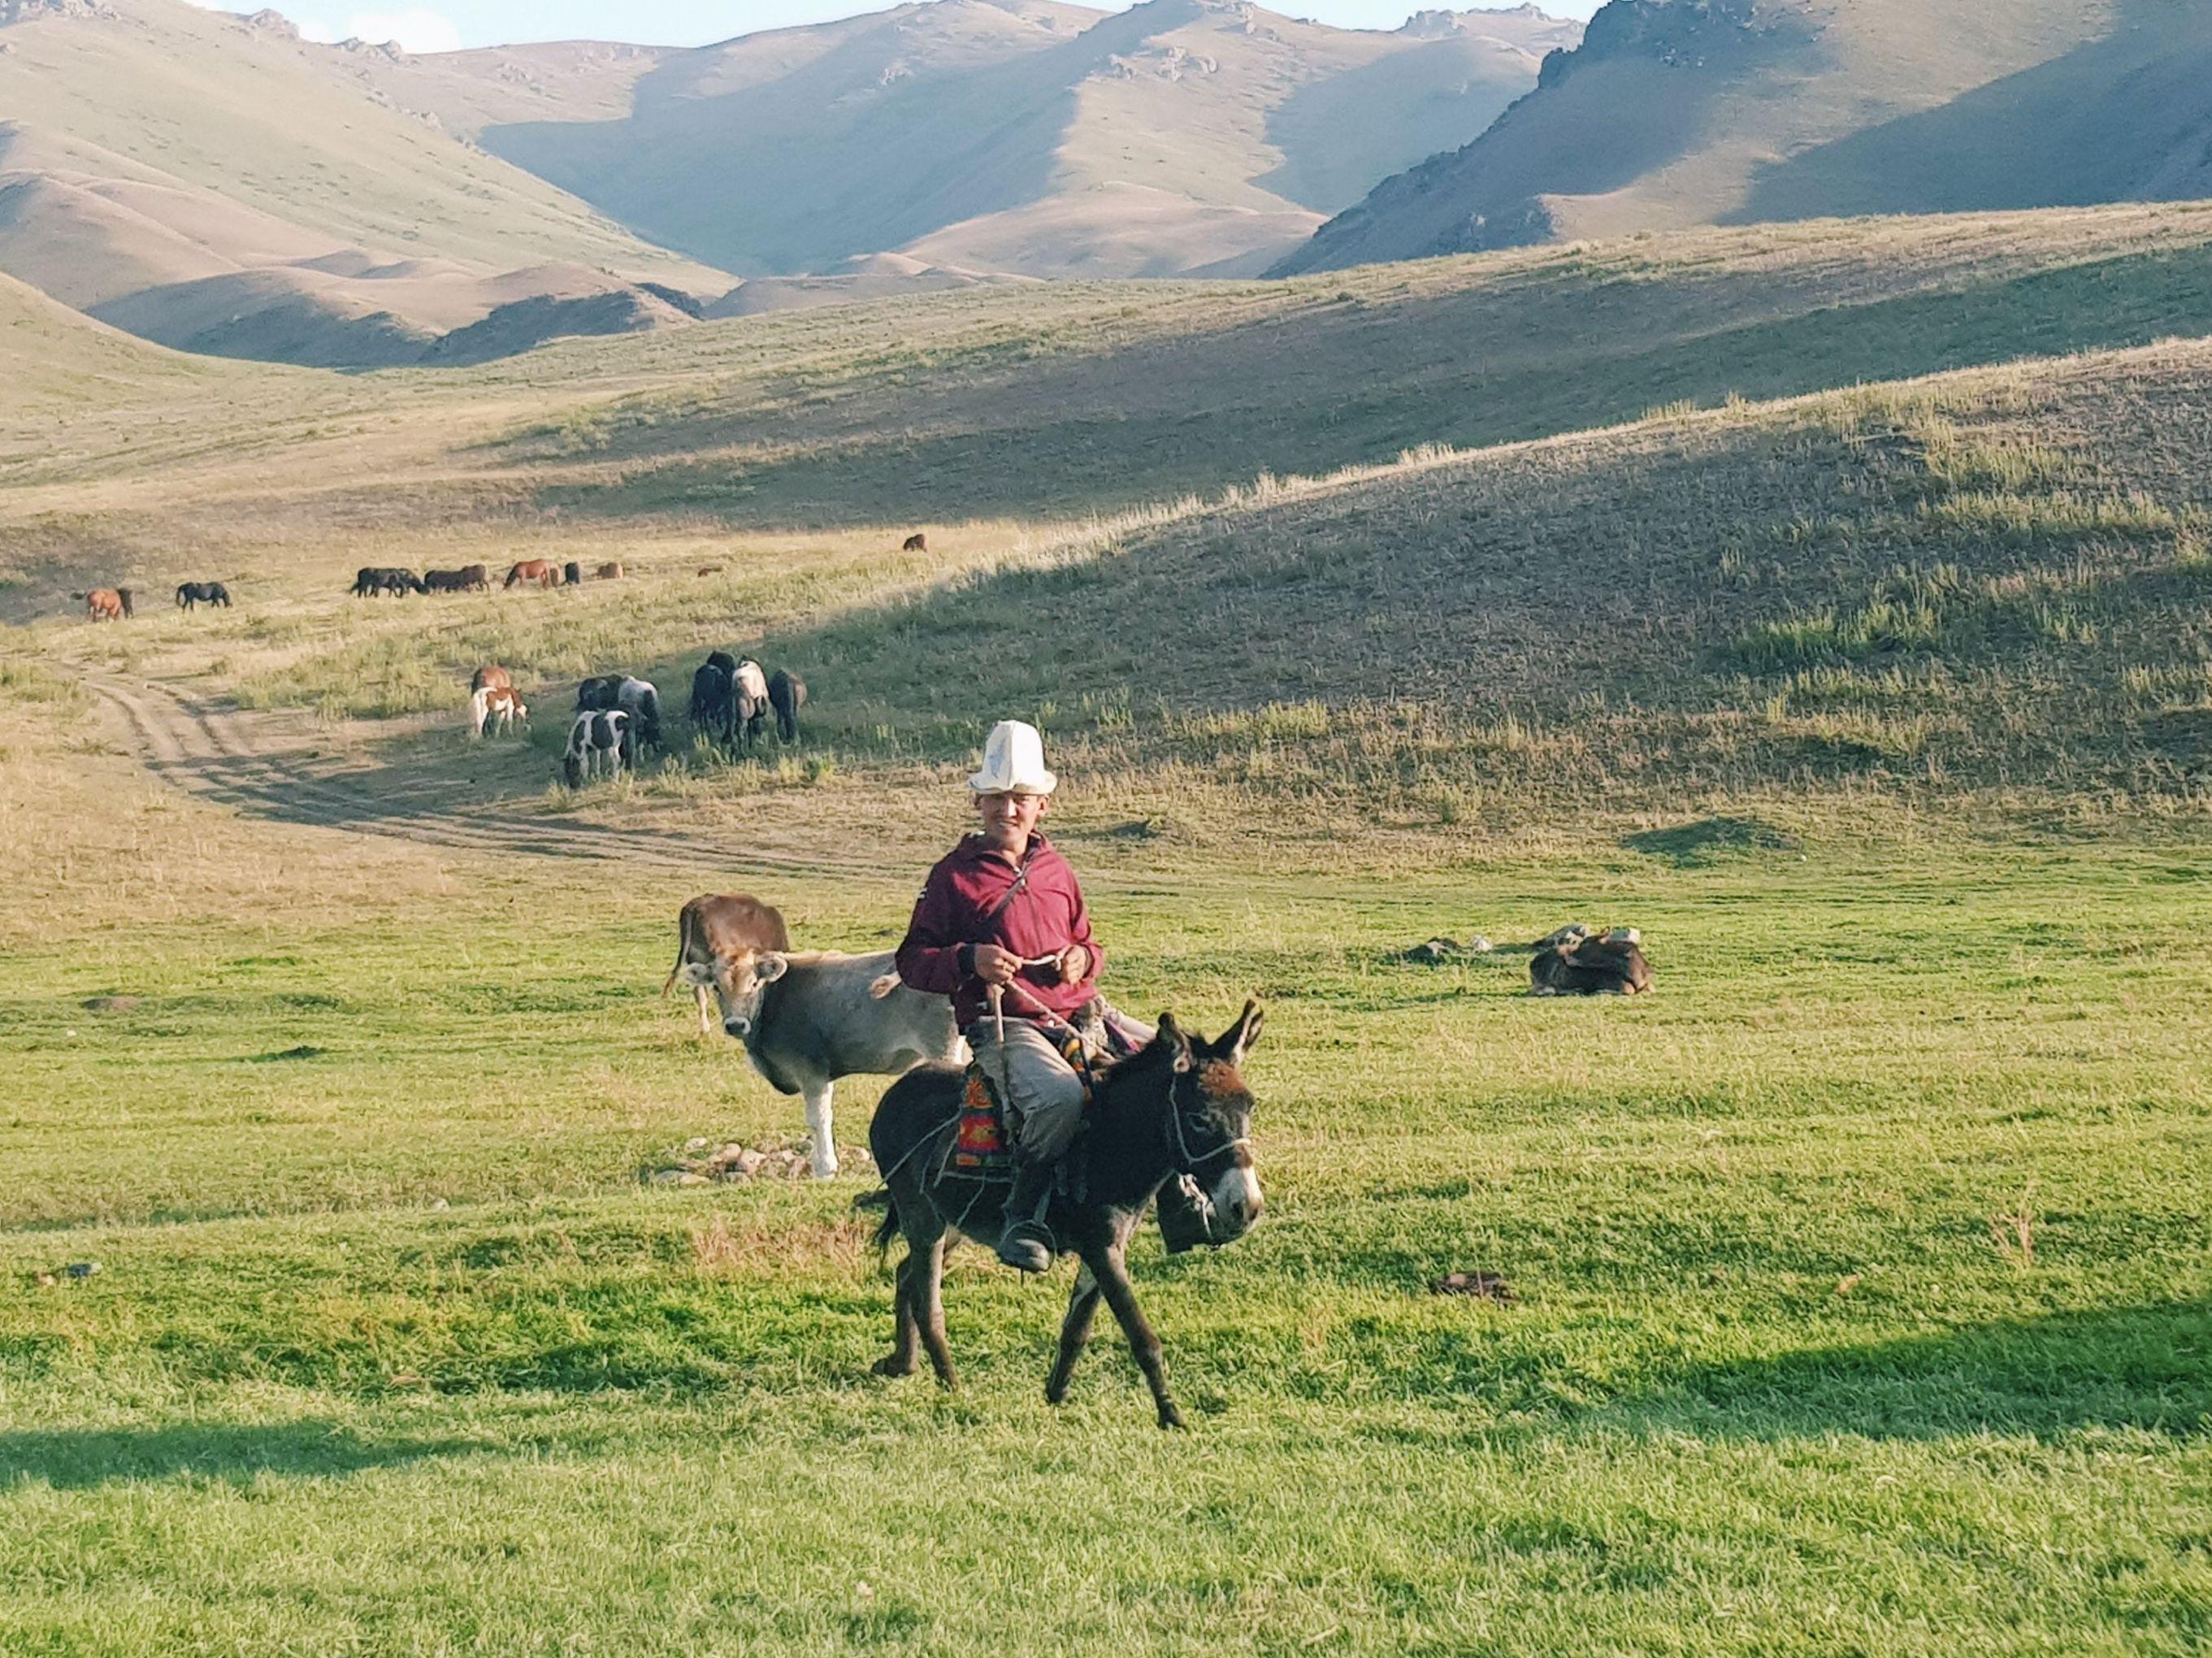 Улисс Любен: В каком-то безымянном месте нам неожиданно попался пастух на осле. Разумеется, он позволил нам на нем покататься.